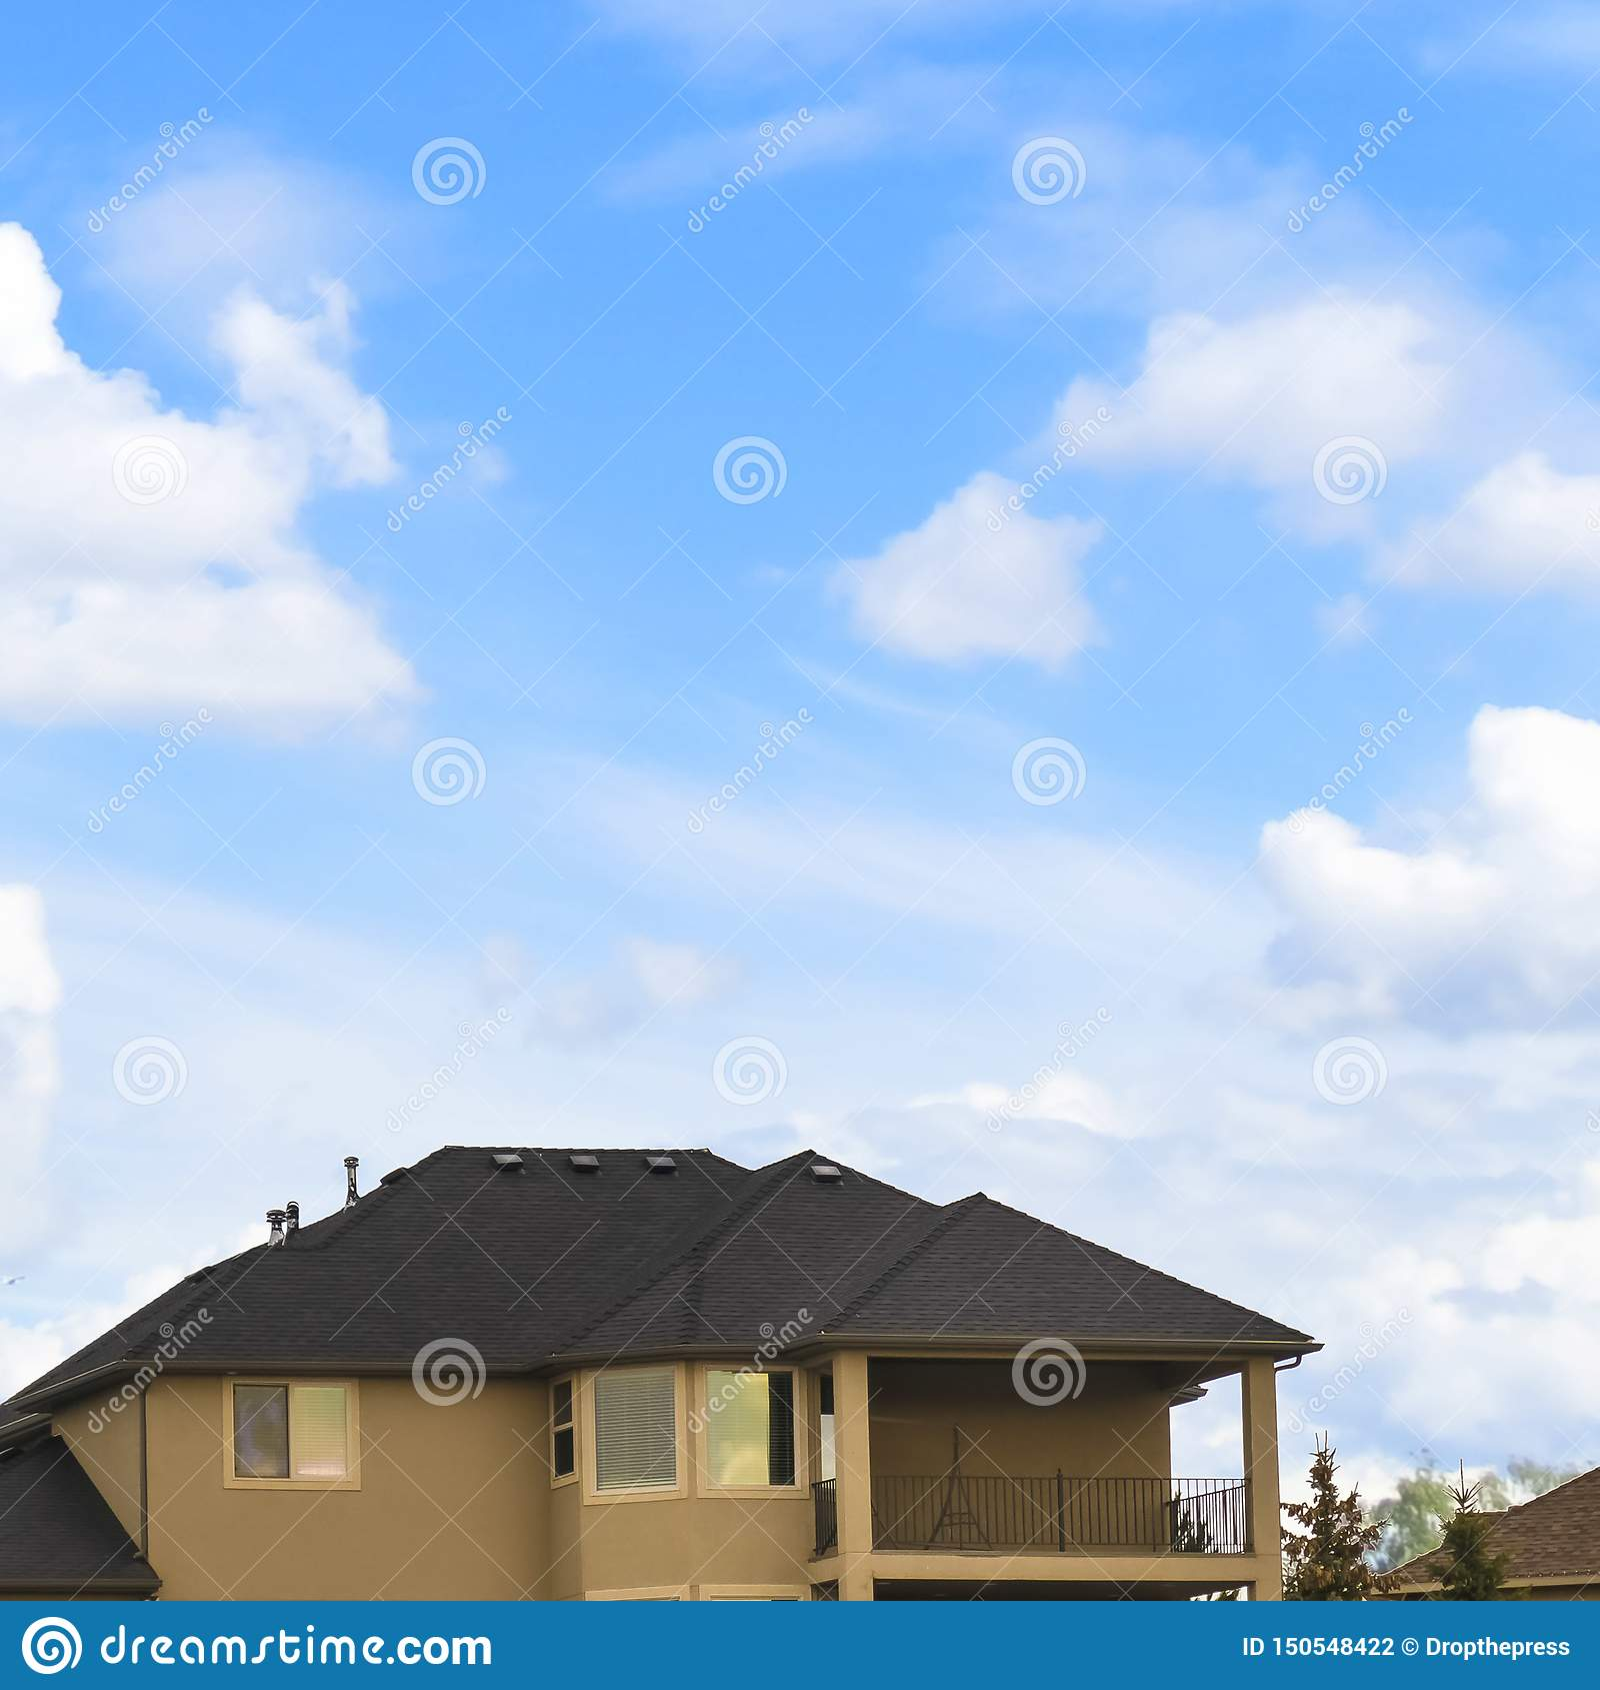 Vierkant kaderhuis Met drie verdiepingen met portiek en balkon tegen blauwe hemel met heldere wolken